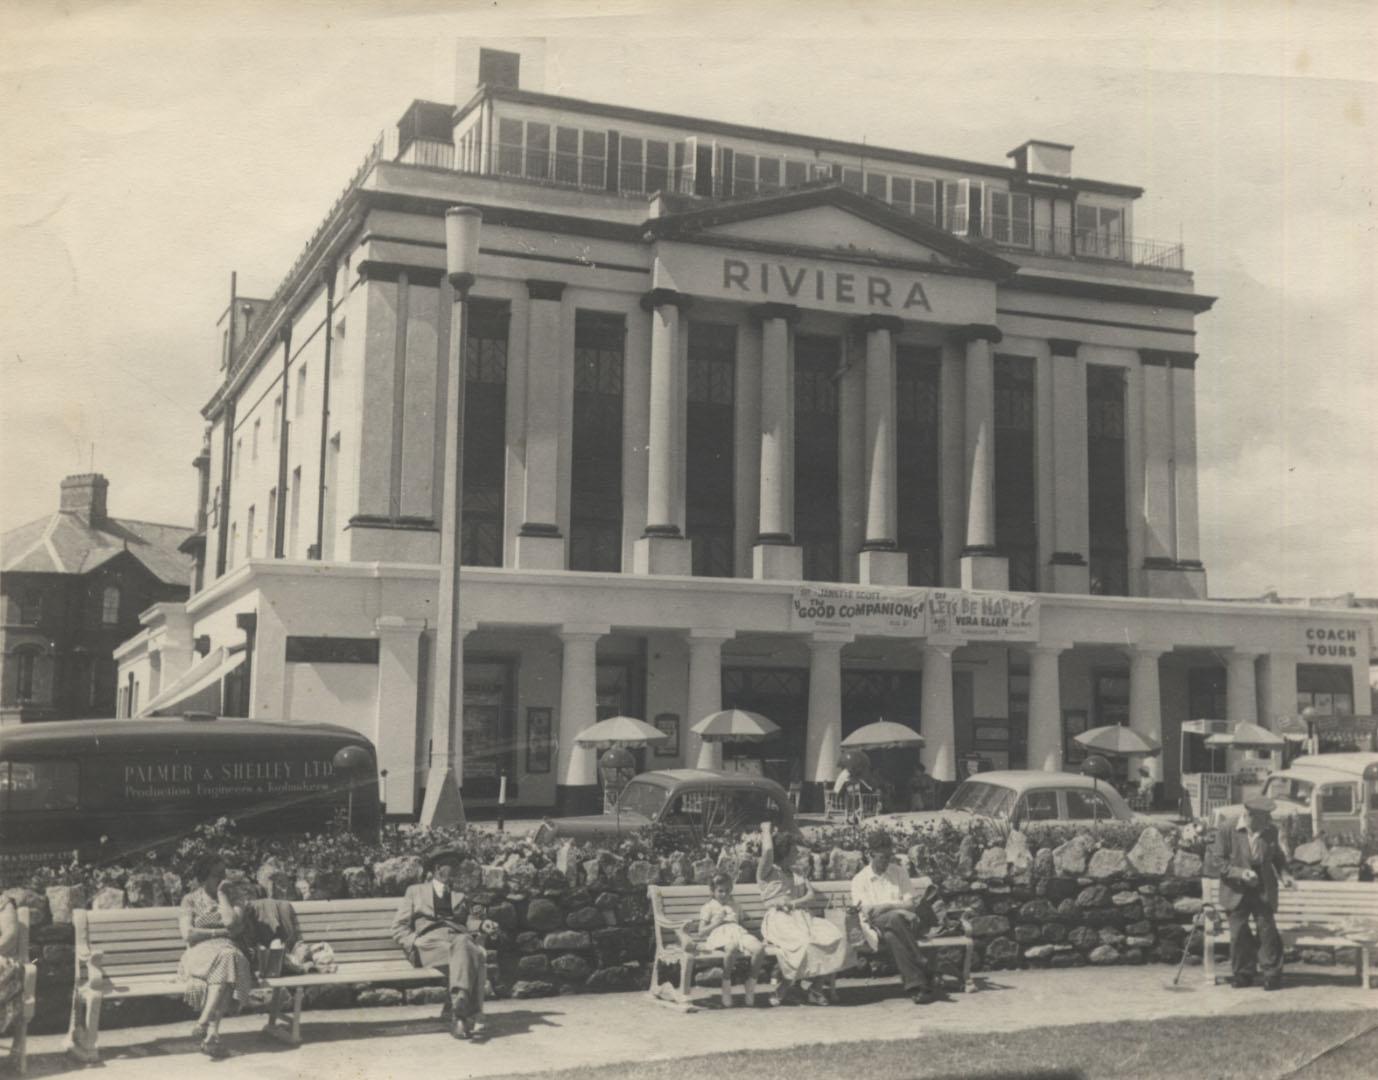 The Riviera Building circa 1960